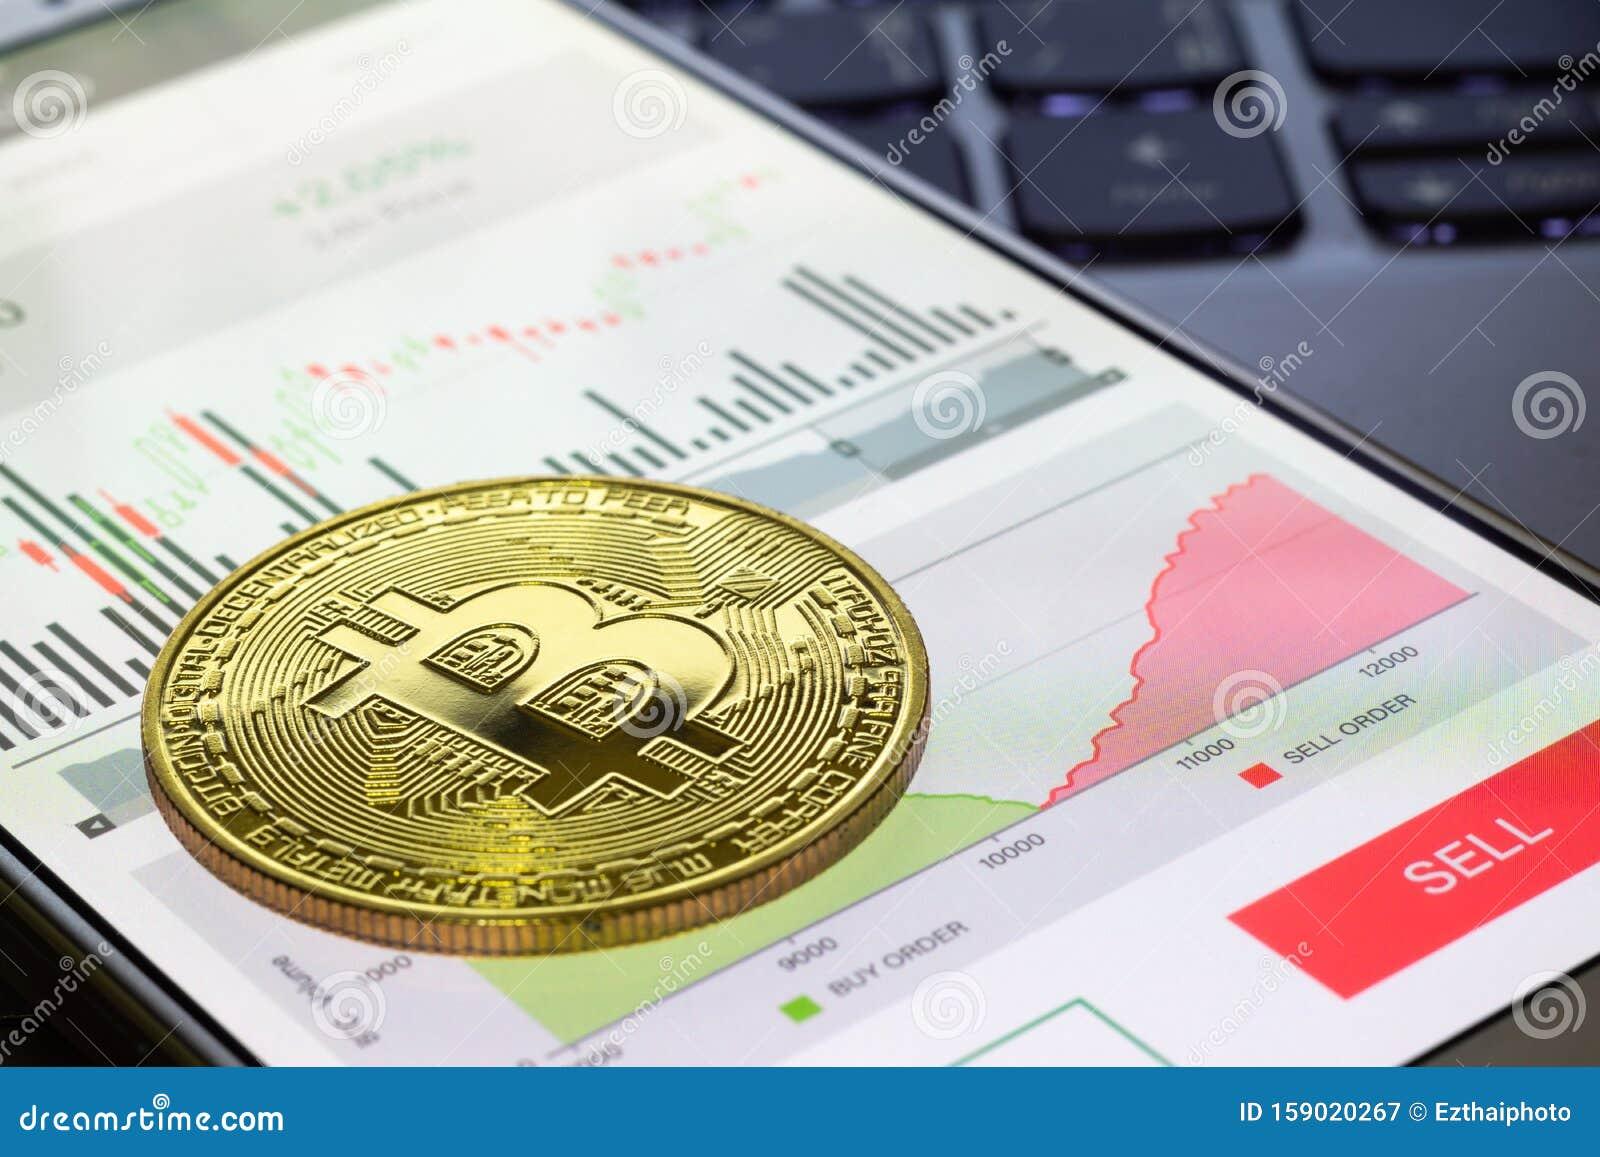 page negociacao forex page negociaa§a£o inversión de acciones en bitcoin